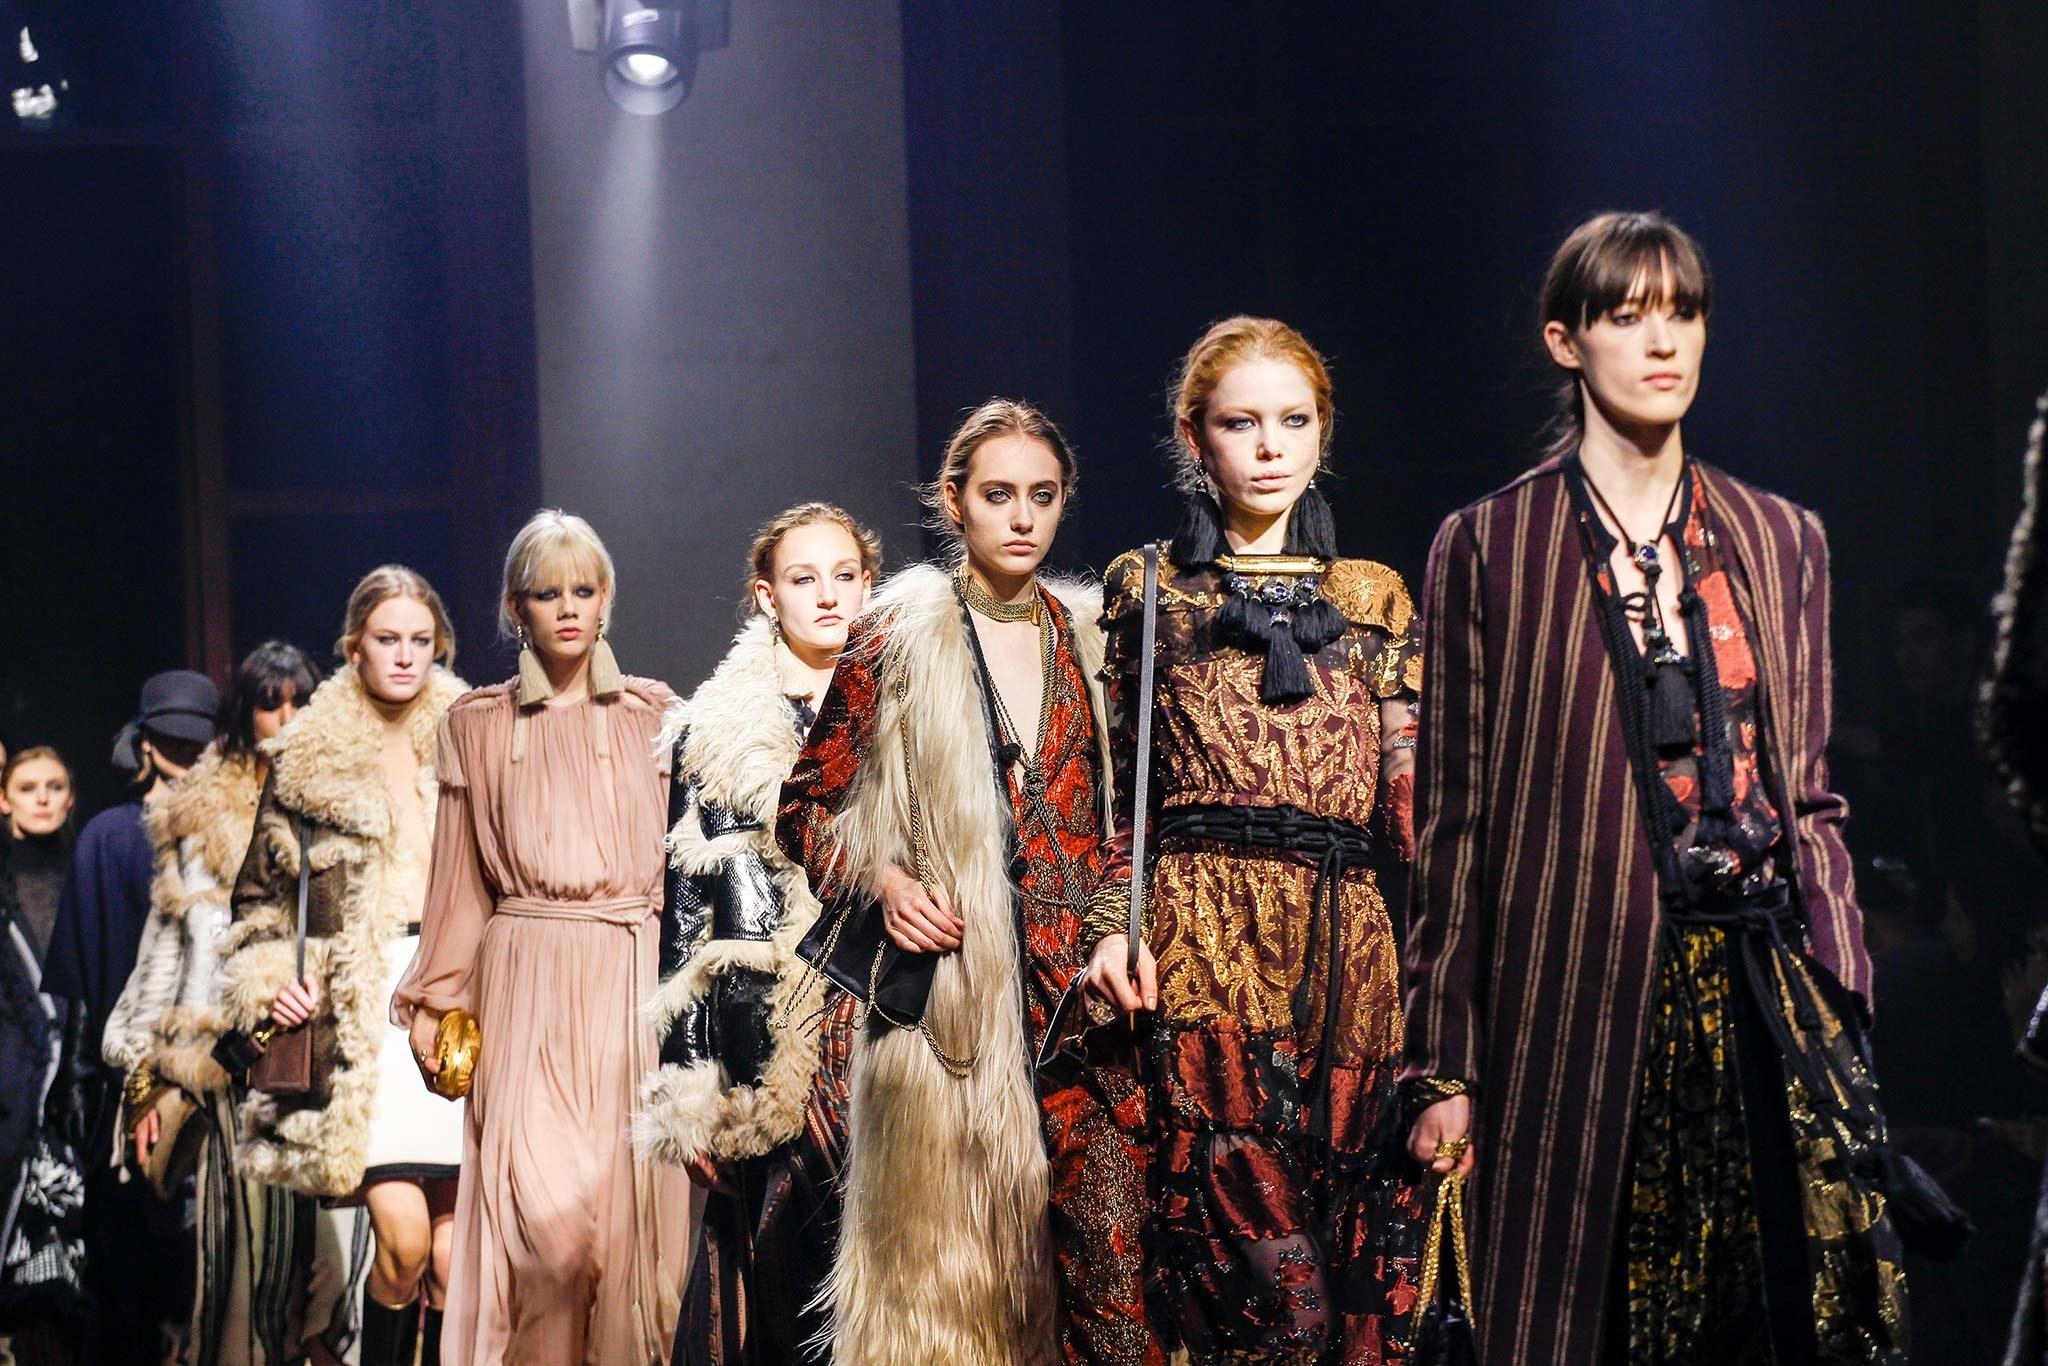 Điểm tin thời trang: Lanvin trở lại Tuần lễ thời trang Paris, dòng giày của Katy Perry...